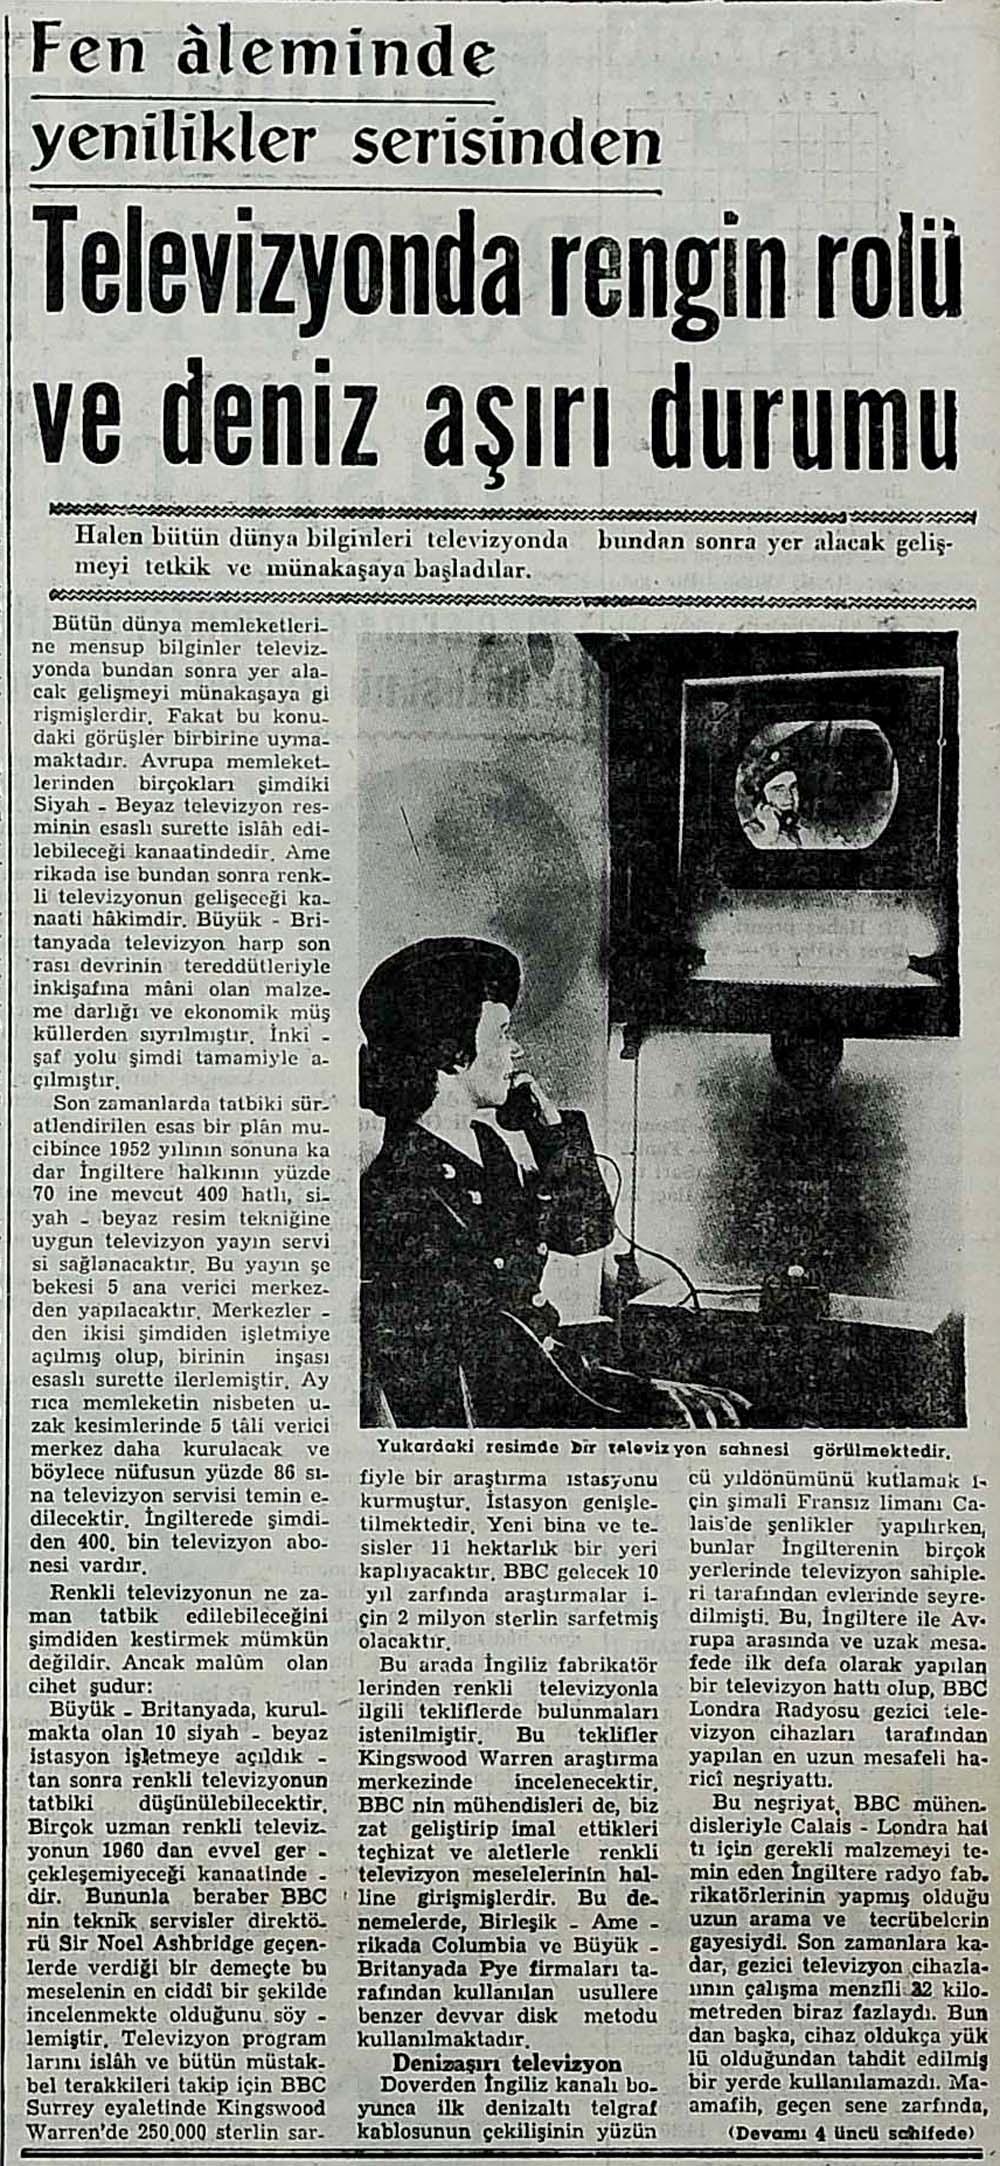 Televizyonda rengin rolü ve deniz aşırı durumu